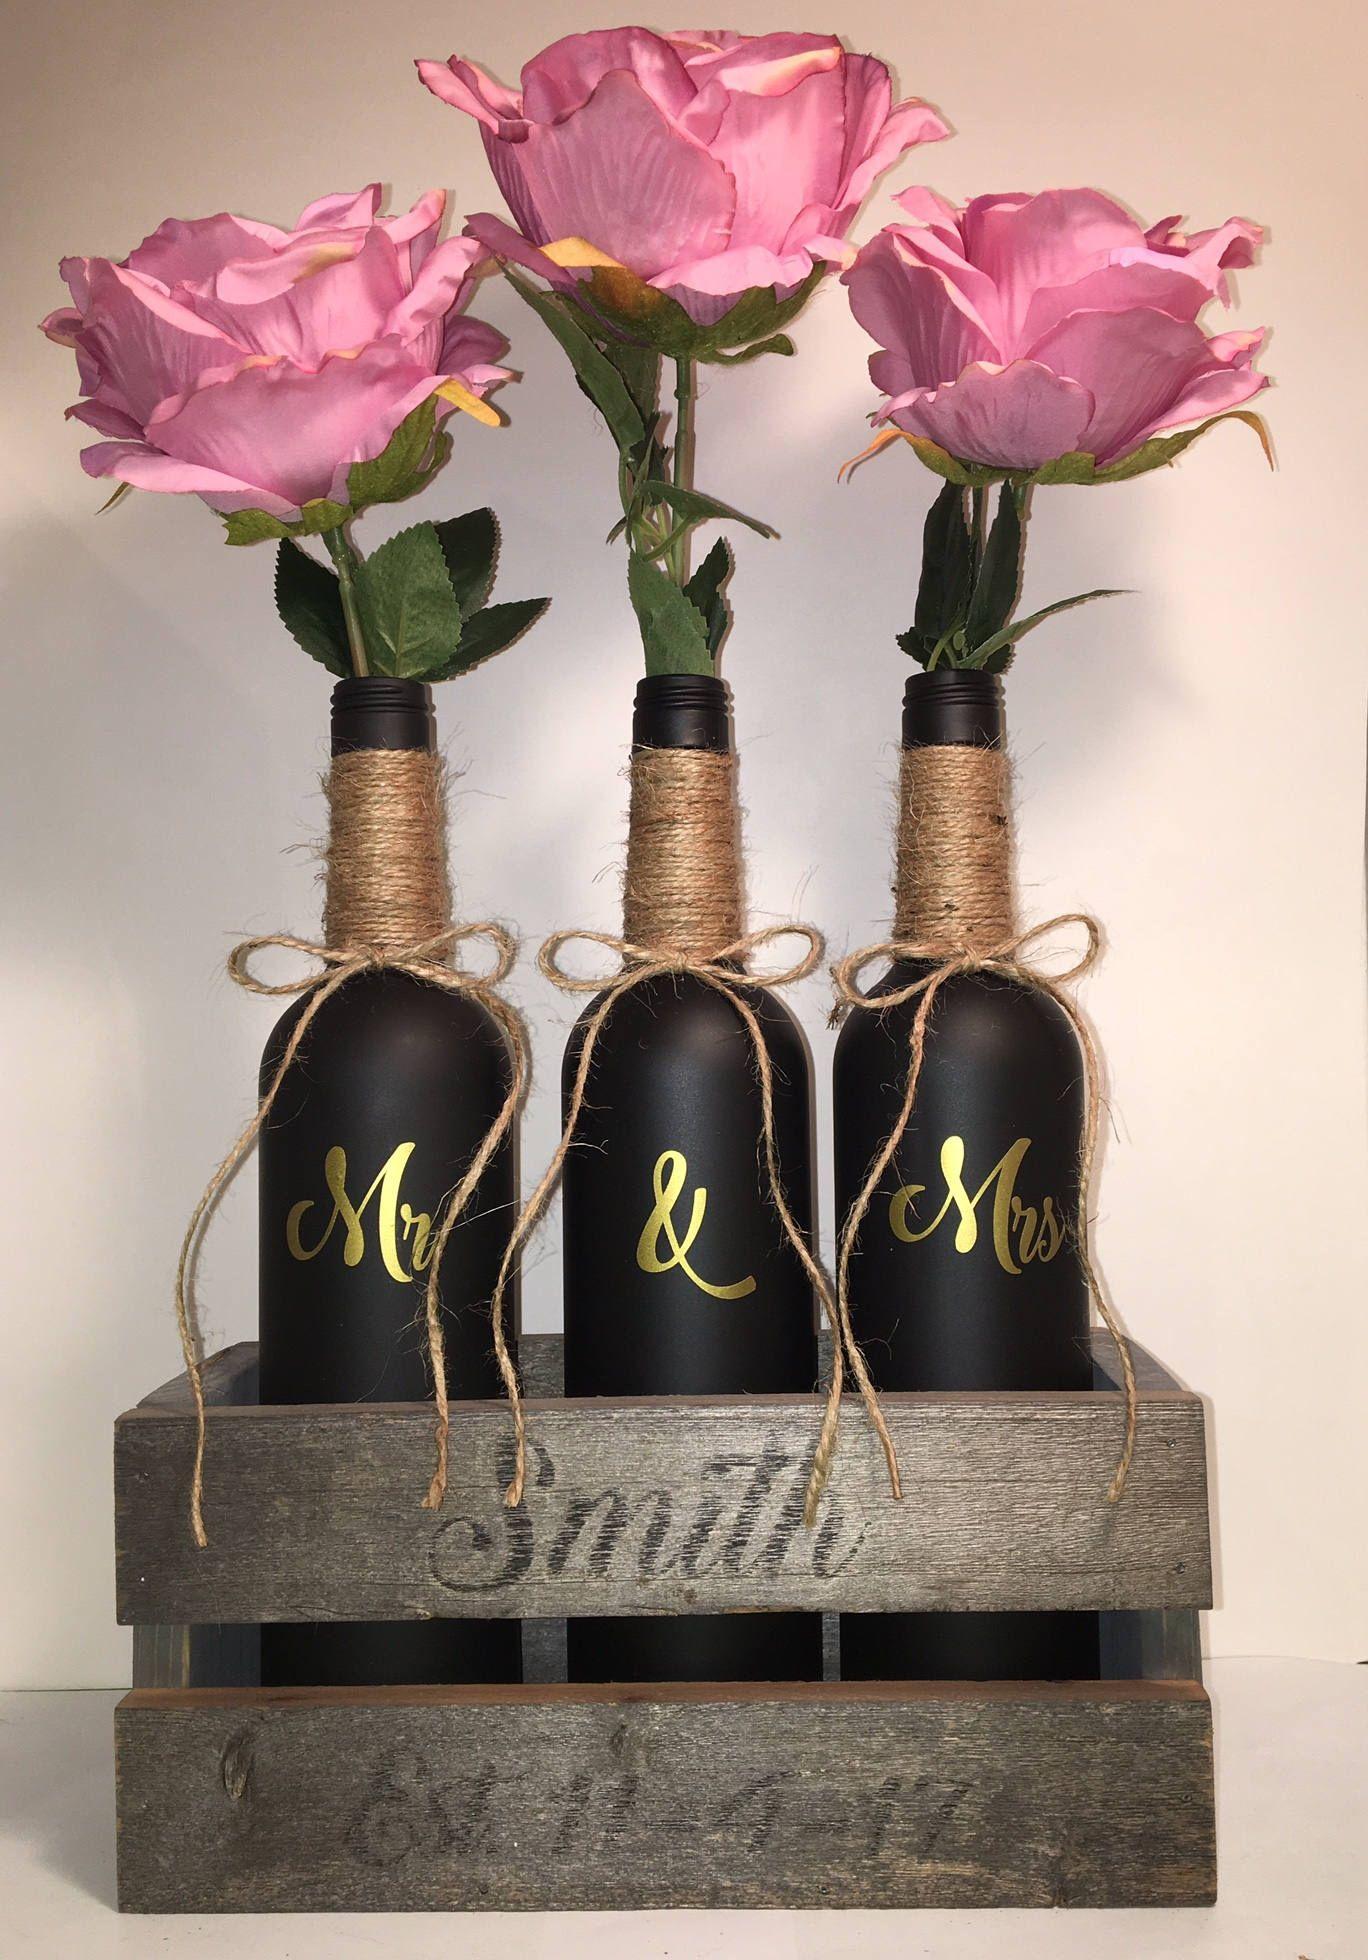 3 flat black painted wine bottles in rustic wood box add gold mr 3 flat black painted wine bottles in rustic wood box add gold mr floridaeventfo Gallery